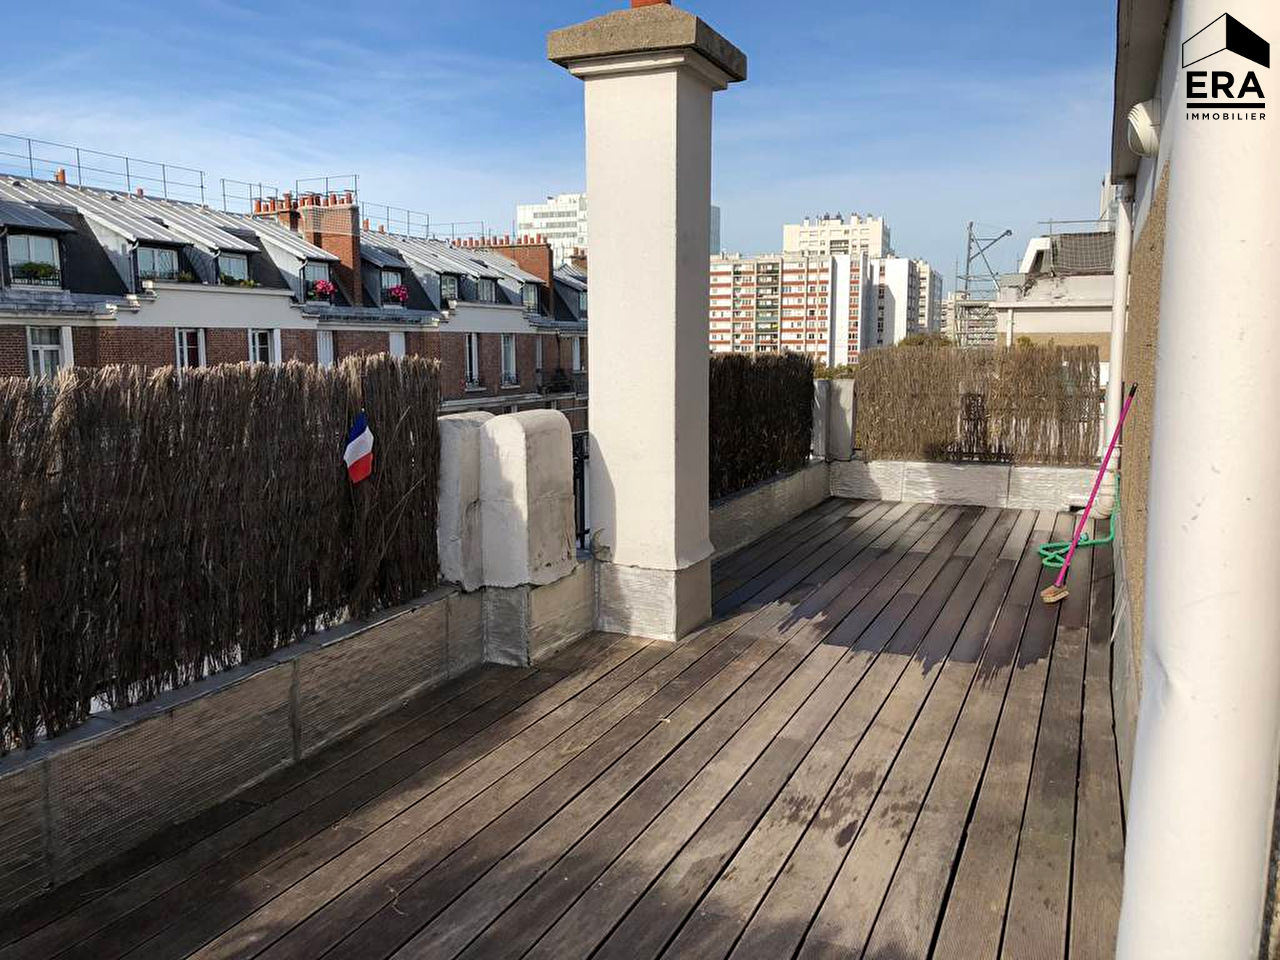 vente appartement paris batignolles monceaux 17e arrondissement 75017 2 pi ces sur le partenaire. Black Bedroom Furniture Sets. Home Design Ideas